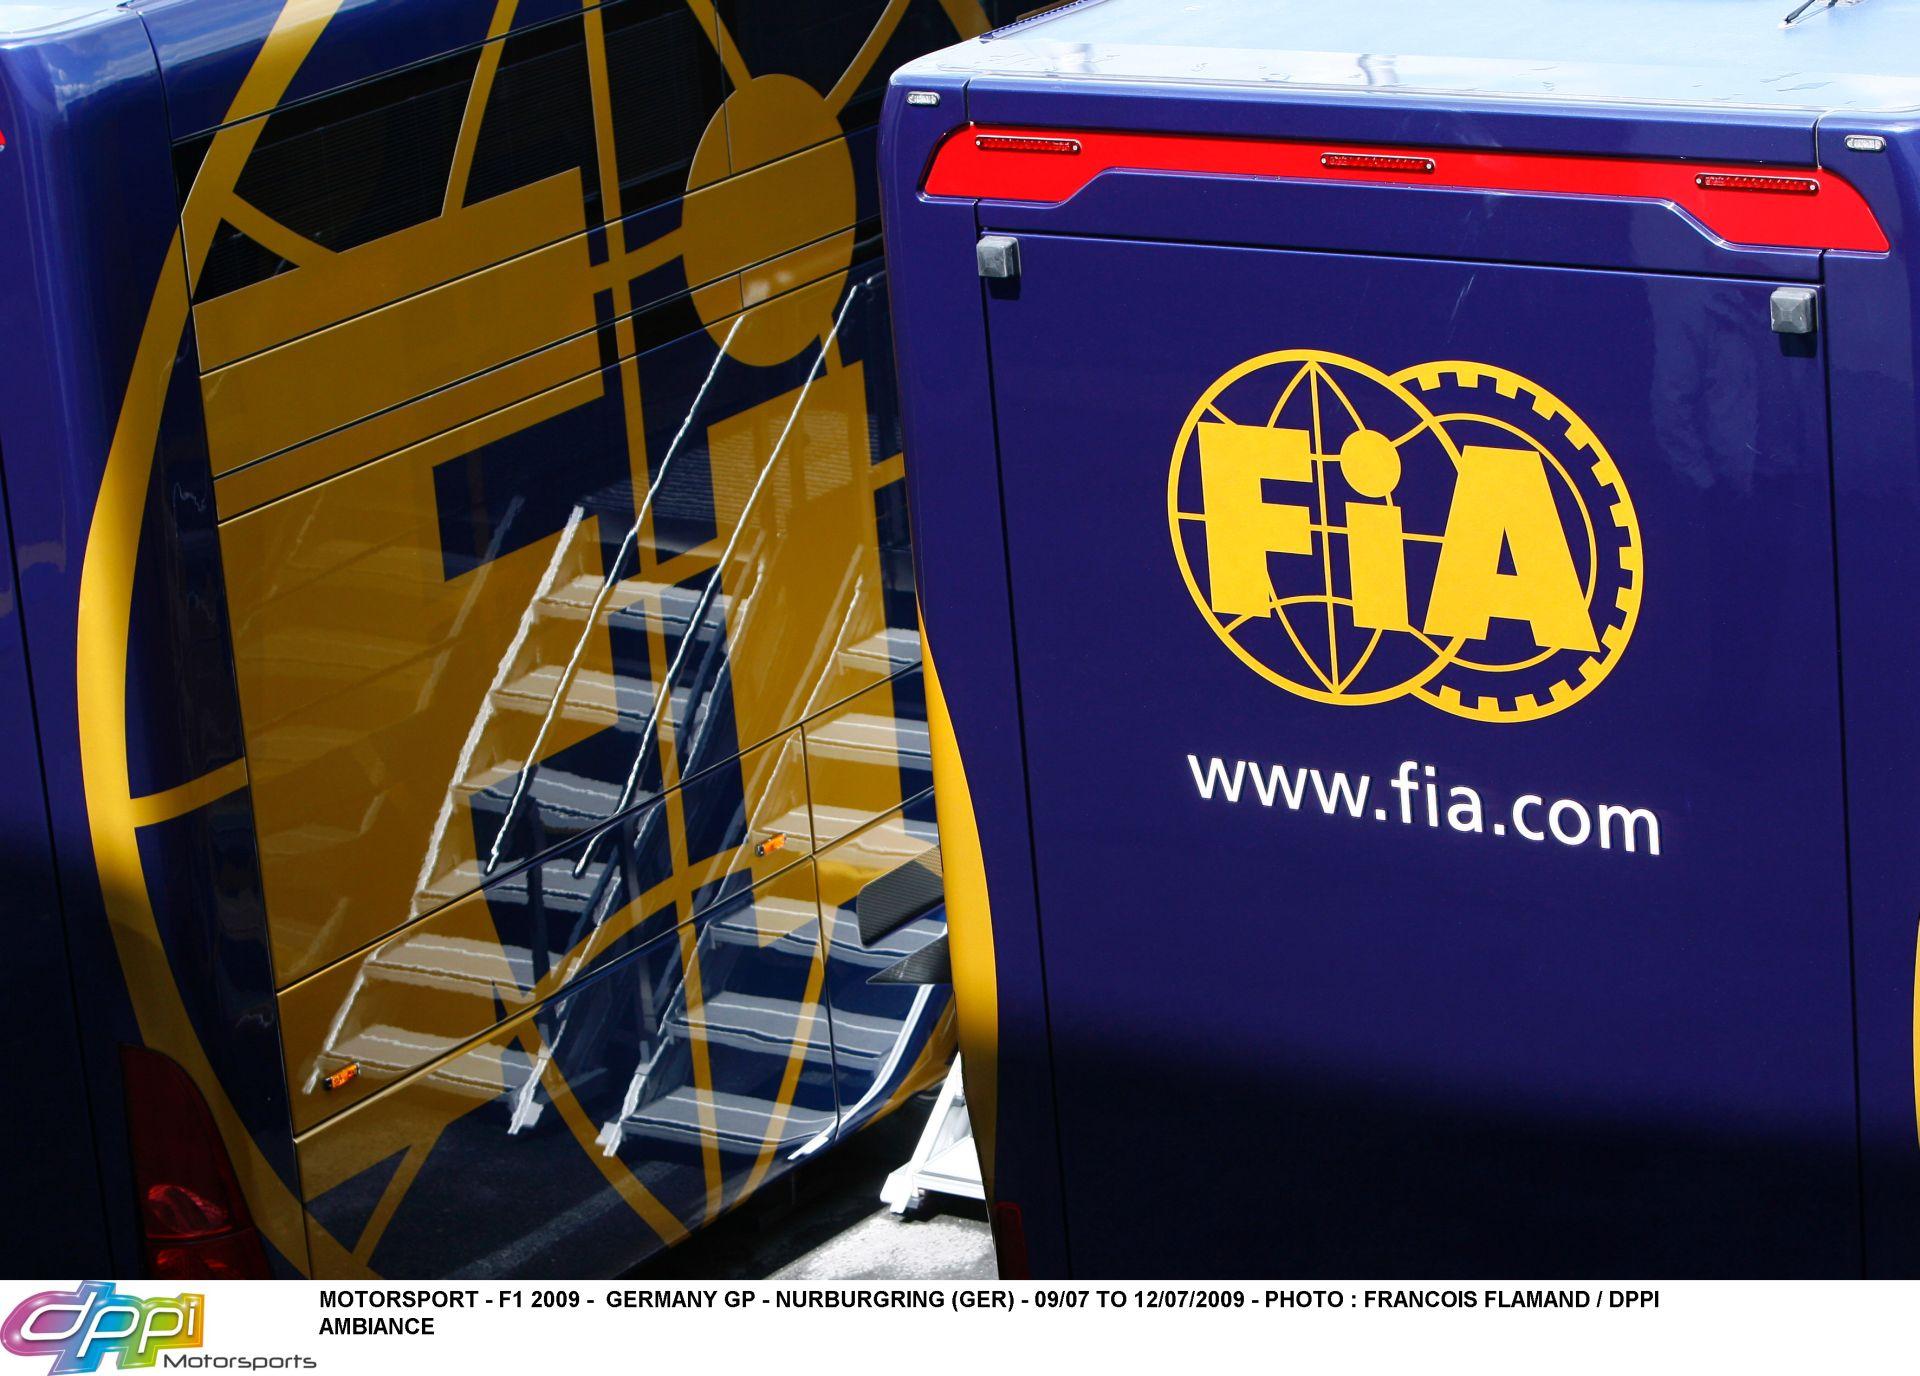 Végleges az azerbajdzsáni F1-es pálya vonalvezetése: Valóban szükség van rá?